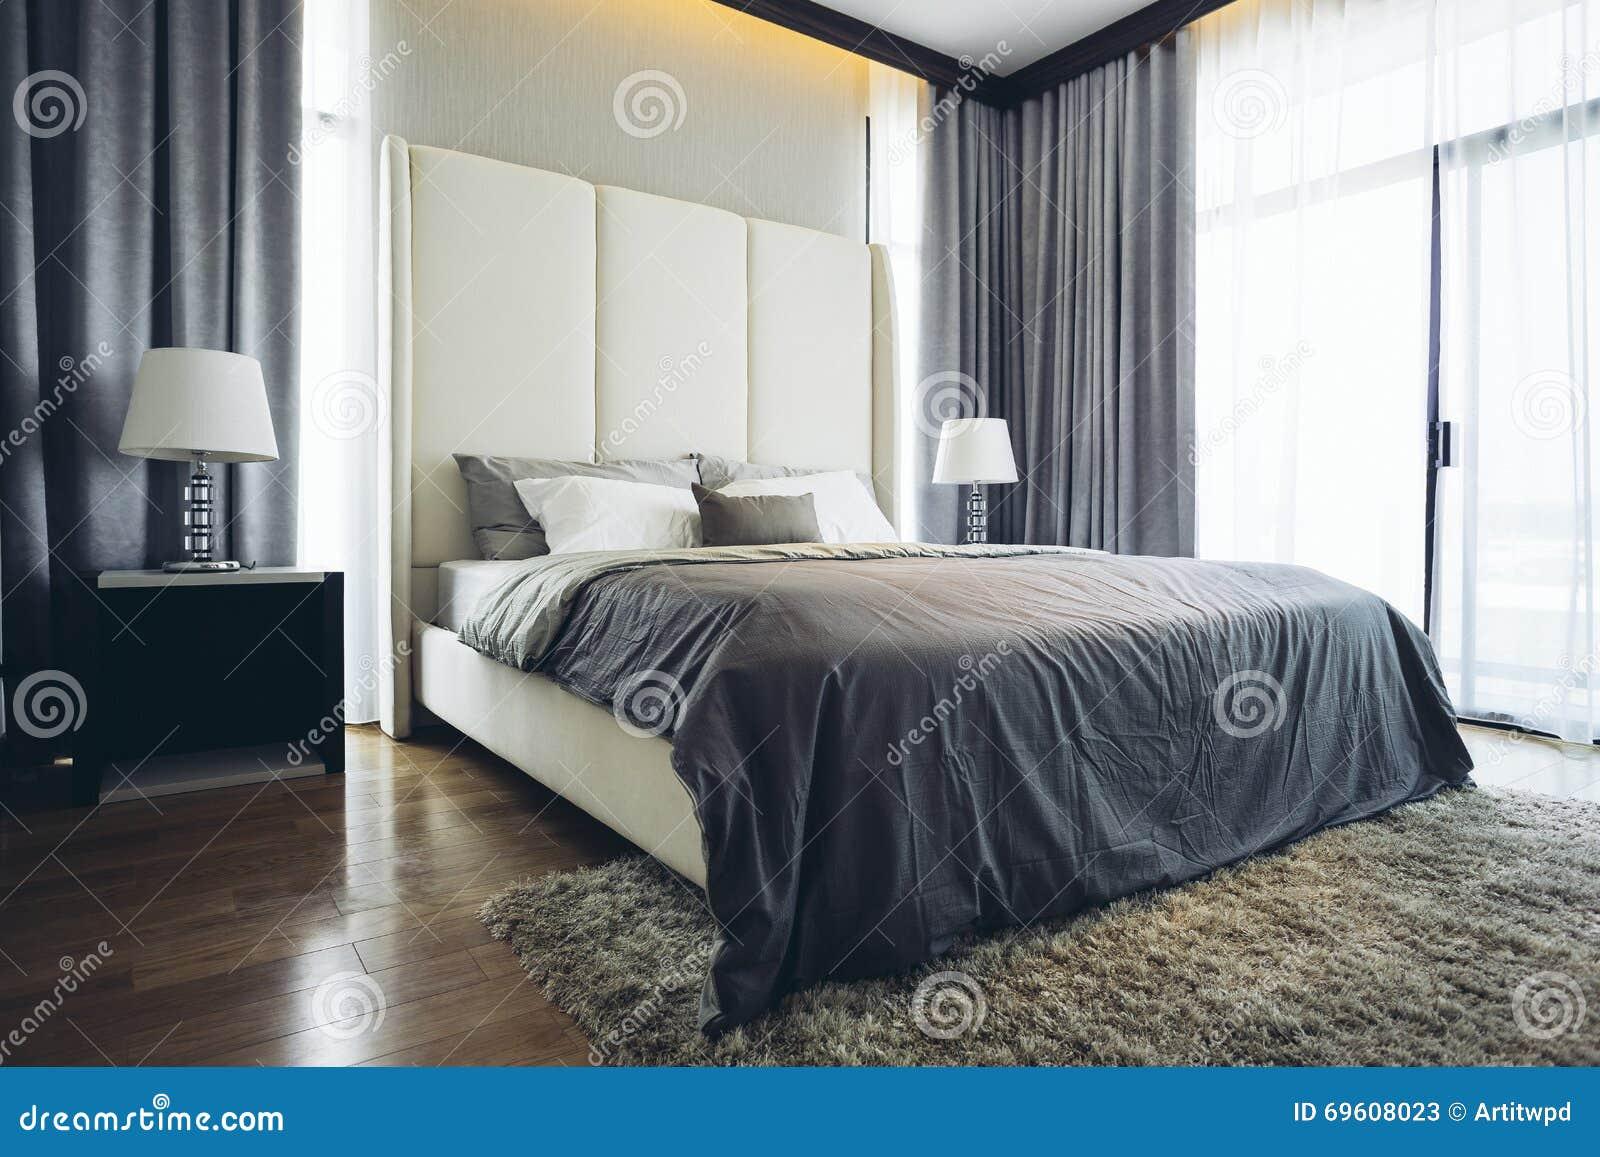 Modele de chambre a coucher moderne chambre eycken 20 for Decoration chez soi chambre coucher